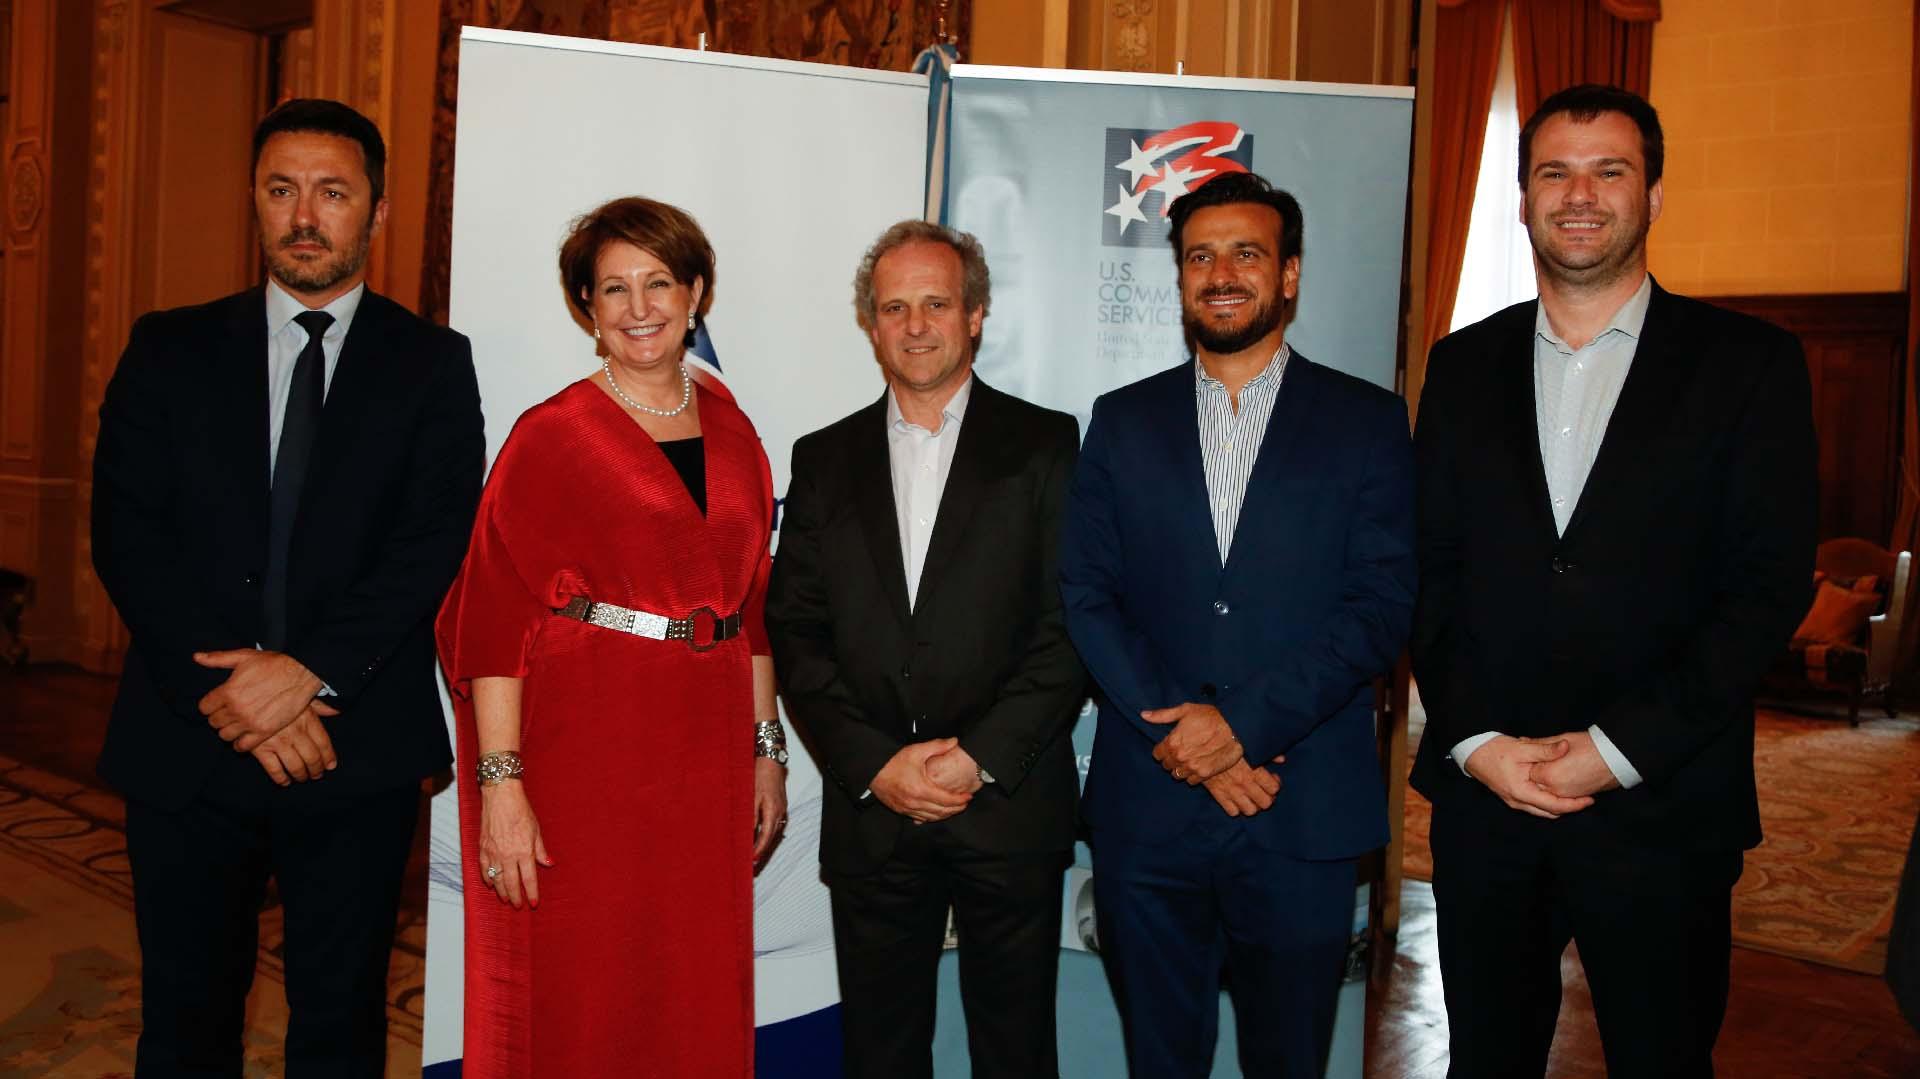 Los diputados Luis Petri, Diego Mestre y Juan Manuel López junto a MaryKay Carlson y Roberto Alexander